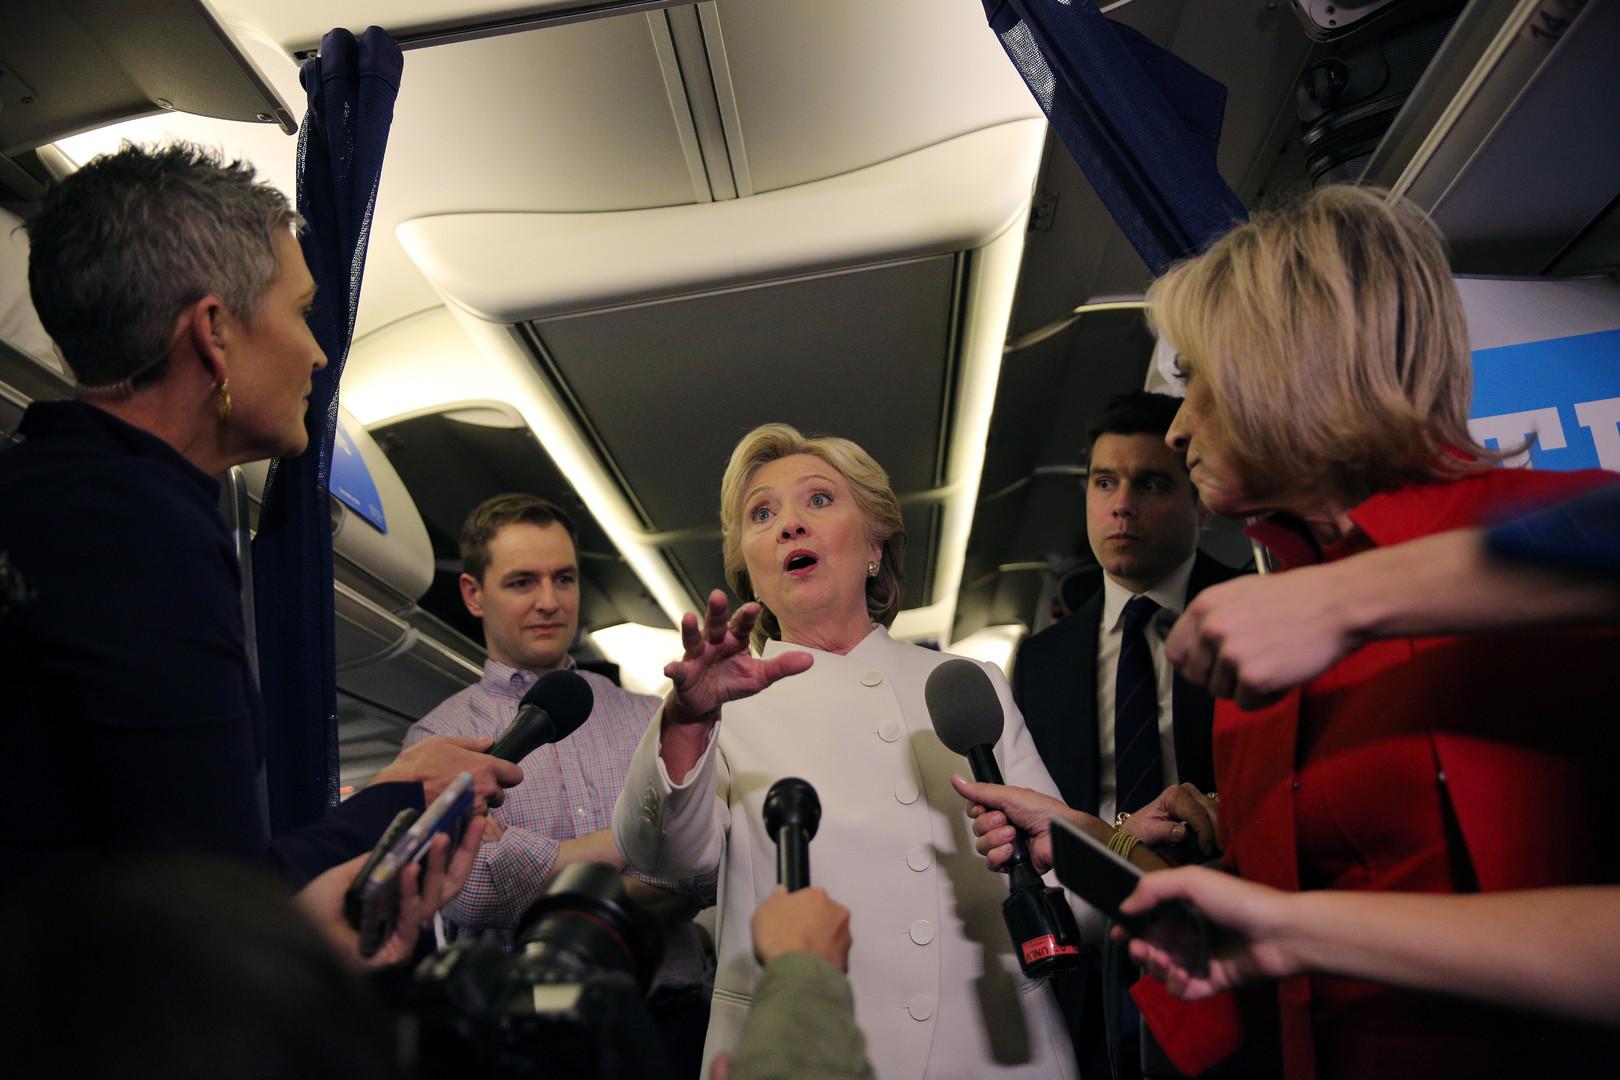 Нажми на кнопку: Клинтон случайно раскрыла «ядерные секреты» США